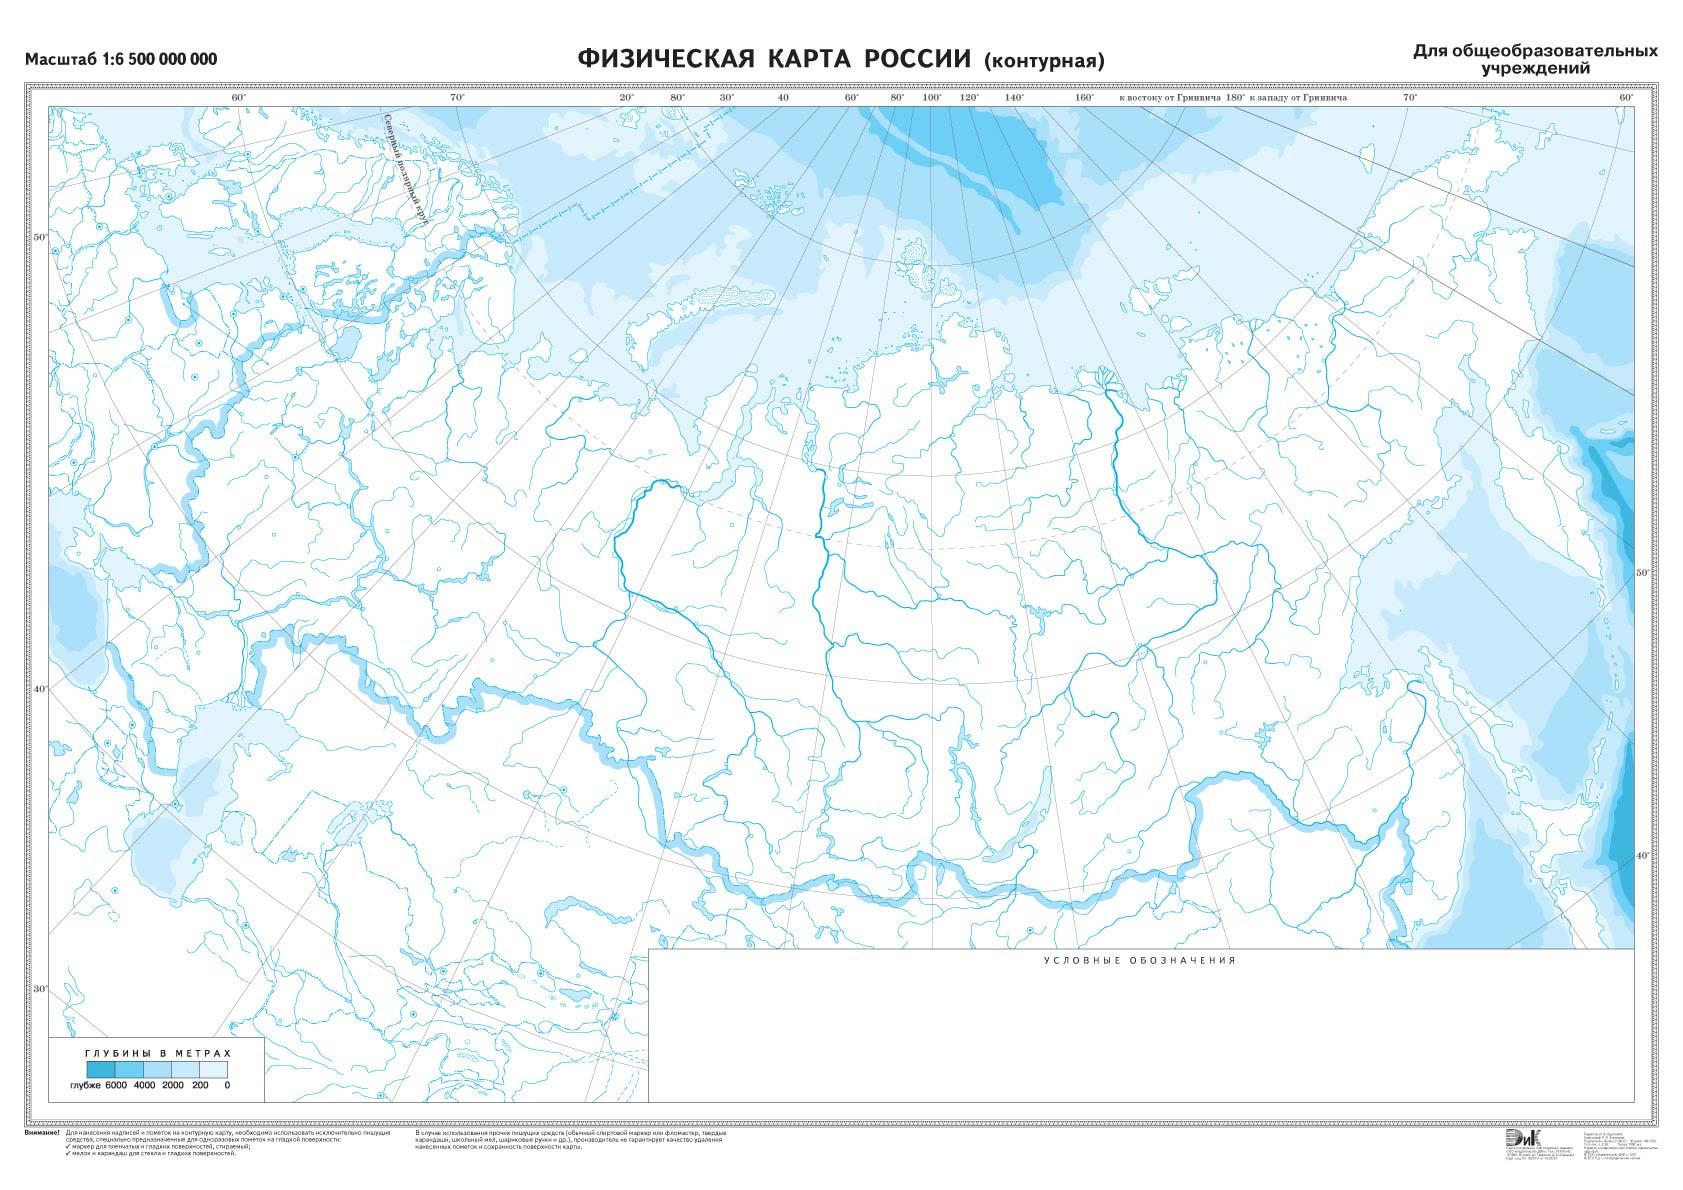 http://map-travel.com/files/2013/11/konturnaya-karta-rossii-fizicheskaya.jpg